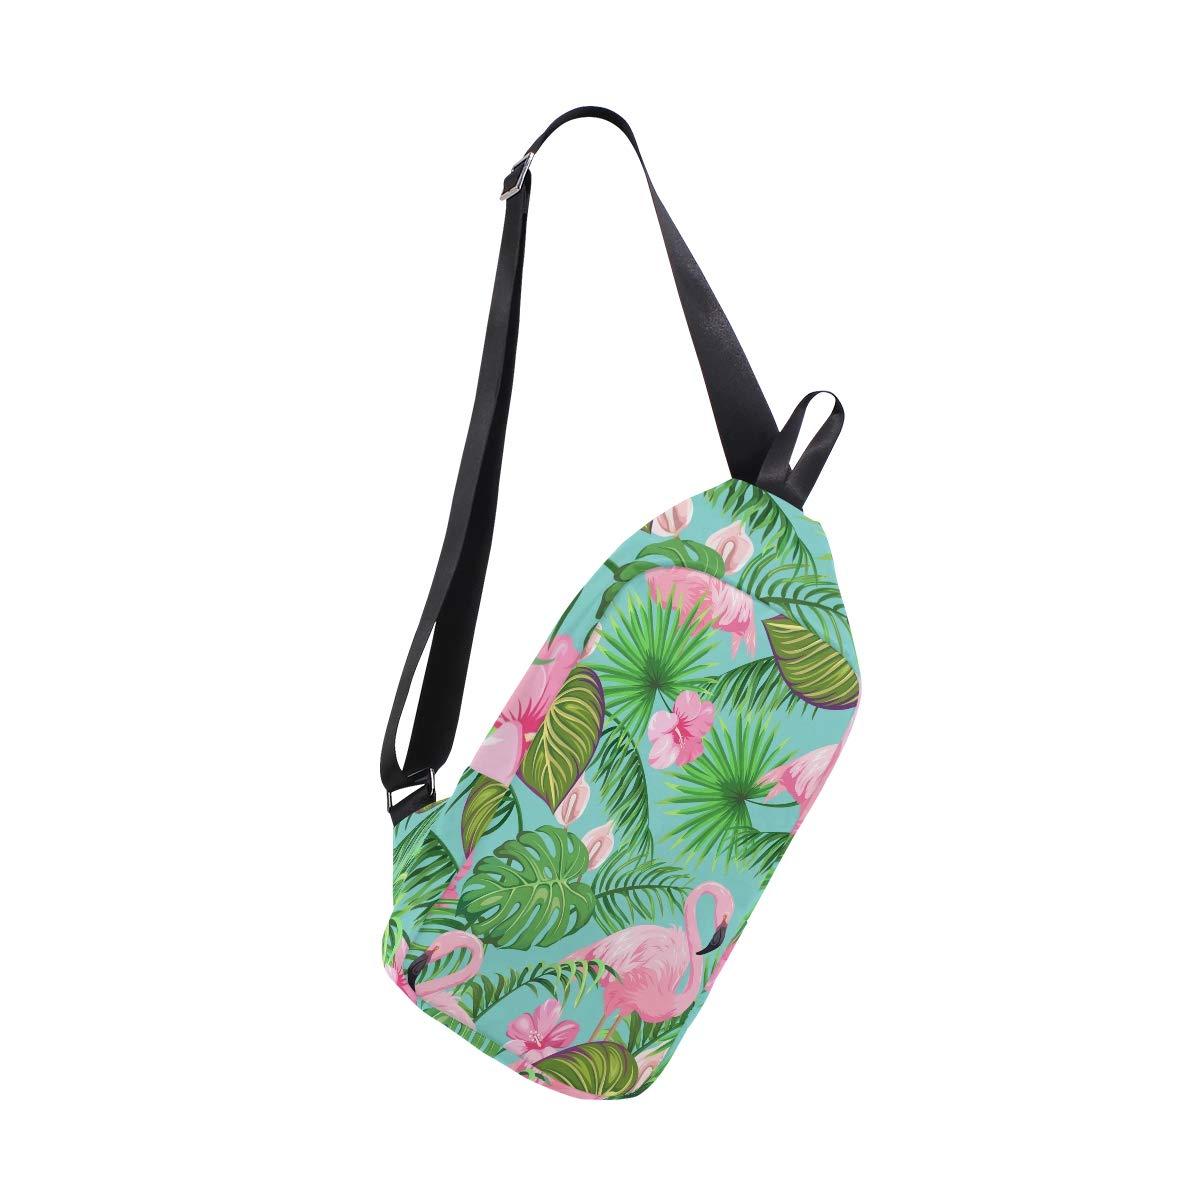 TFONE Flamingo Floral Palm Leaf Crossbody Bag Lightweight Chest Shoulder Messenger Pack Backpack Sling Bag